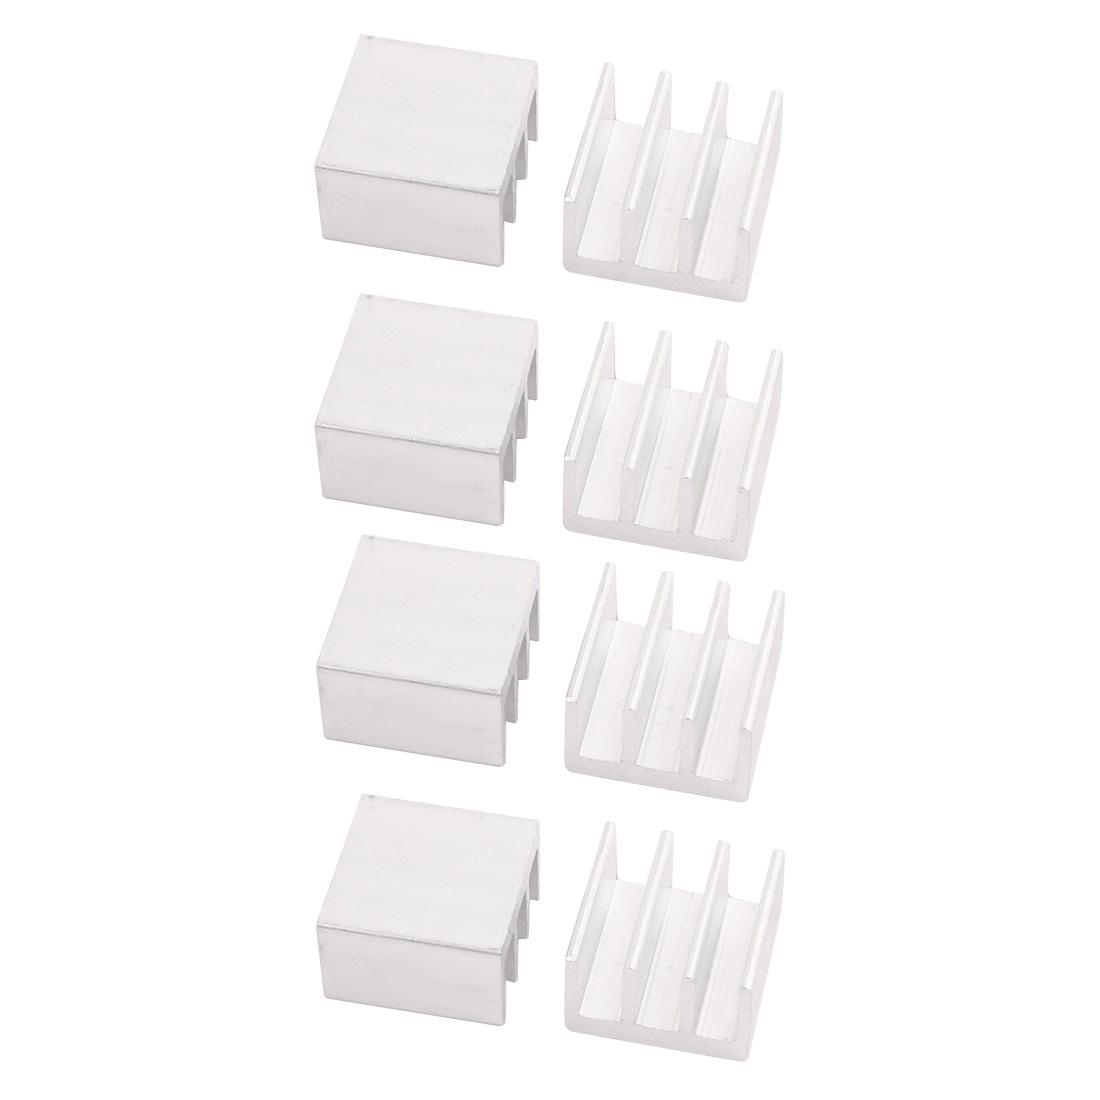 8pcs 16mmx16mmx10mm Aluminum Heatsink Heat Diffuse Cooling Fin